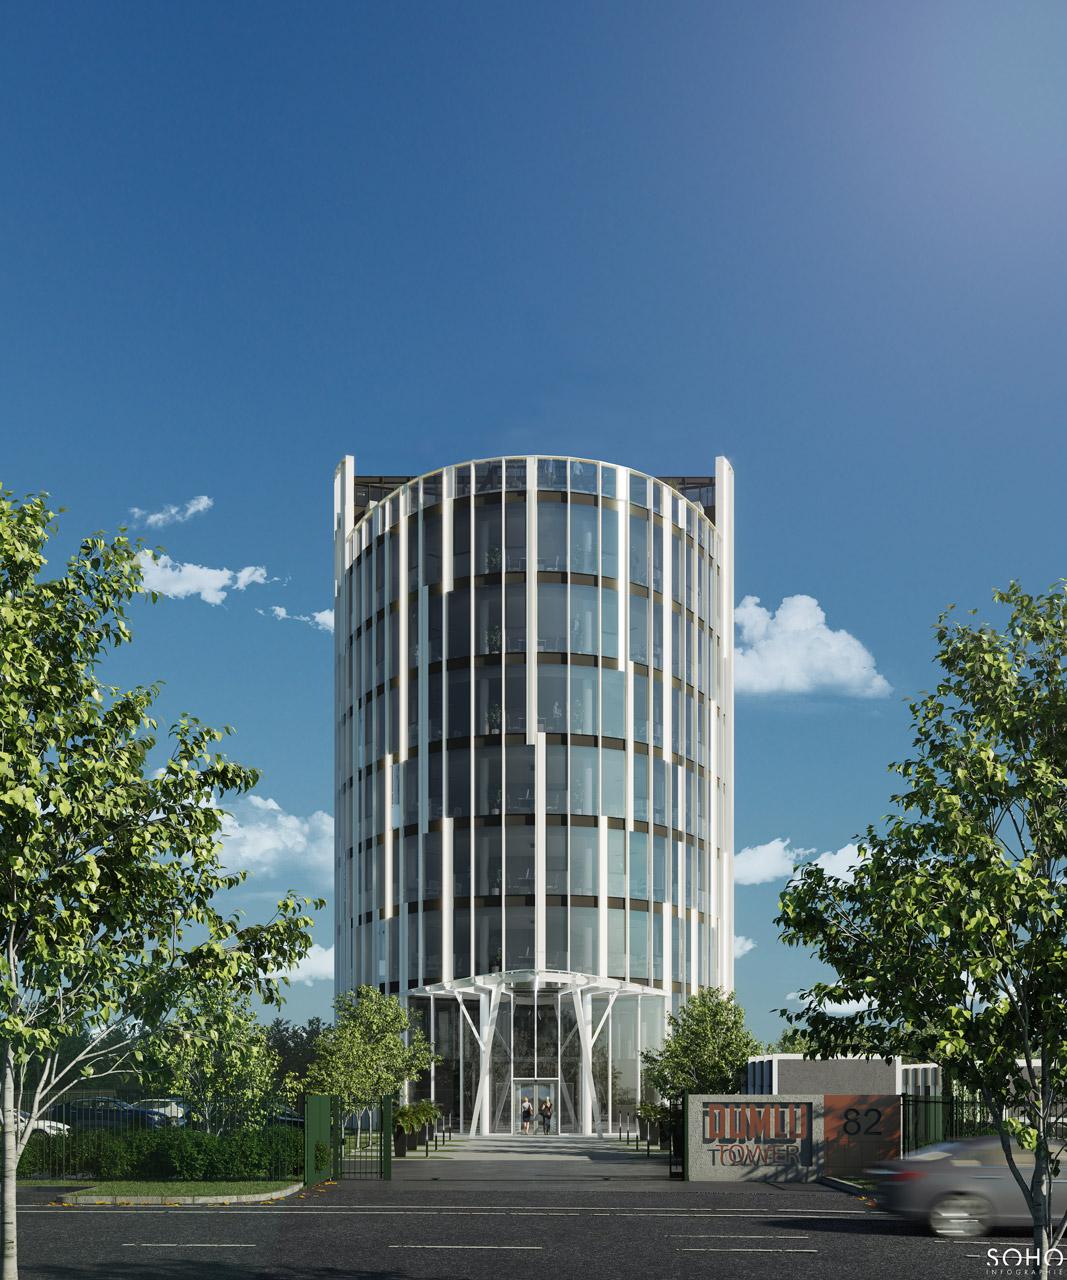 Immeuble de bureaux à Jonage, réalisé par le pôle Tertiaire de l'agence d'architecture SOHO ATLAS IN FINE LYON. Perspective, vue ouest depuis la rue.